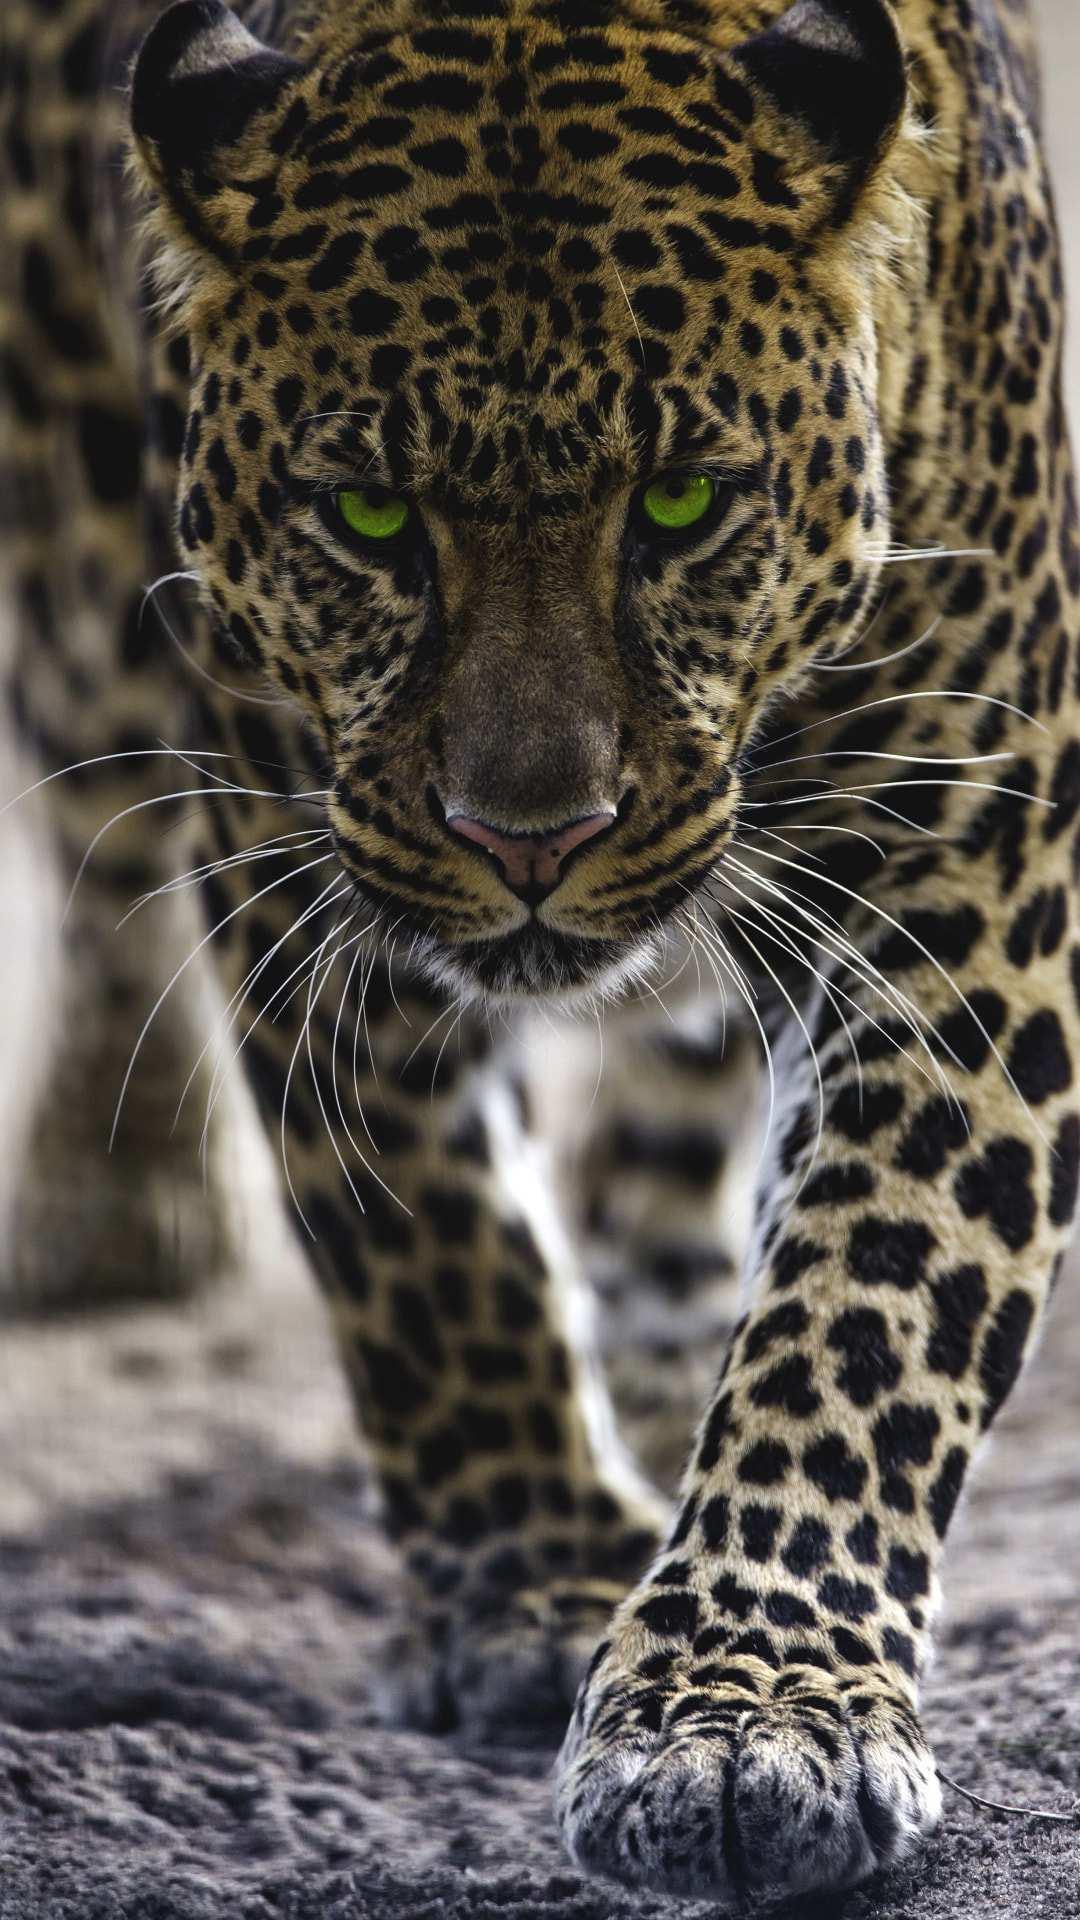 Jaguar Iphone Wallpaper Iphone Wallpapers